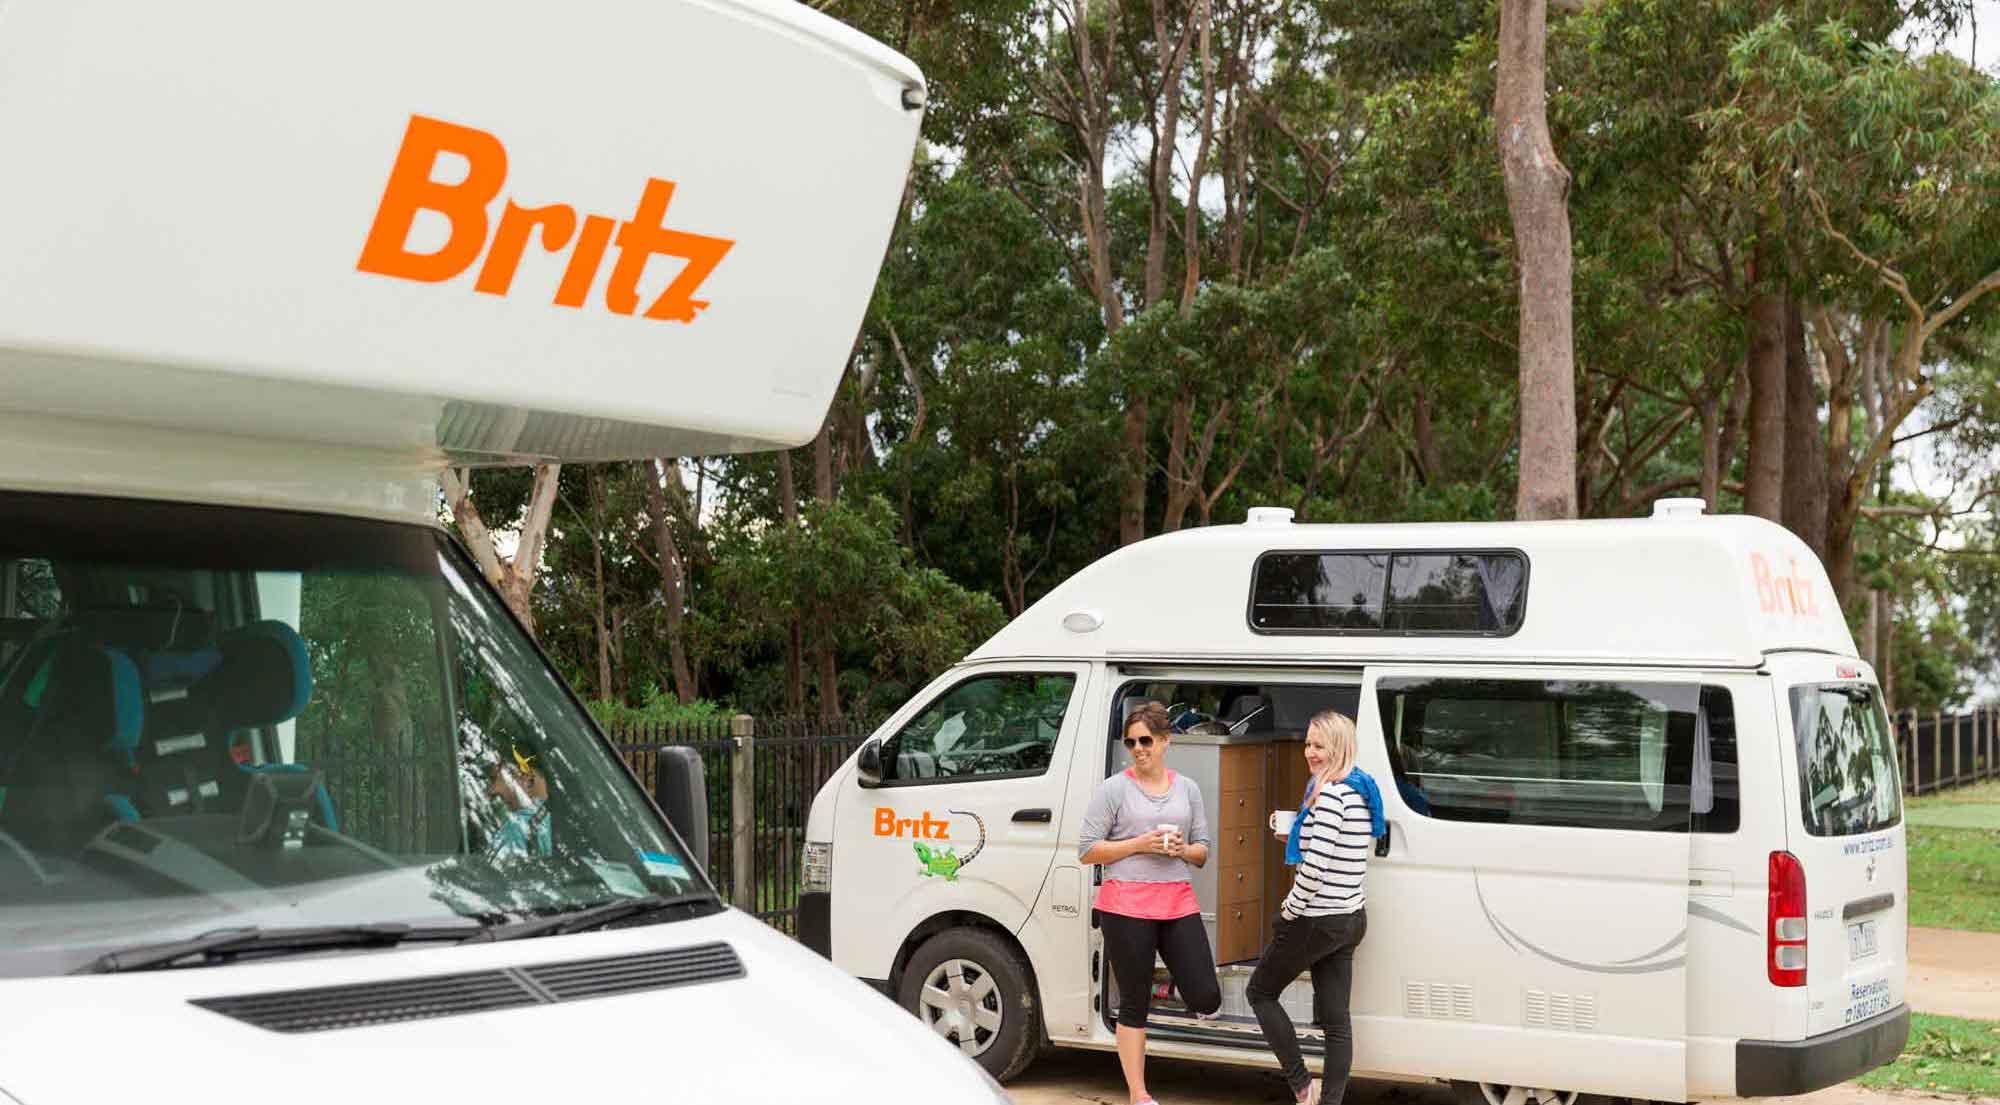 Camper Vans For Sale >> Ex Rental Campervans For Sale Australia Used Campervans